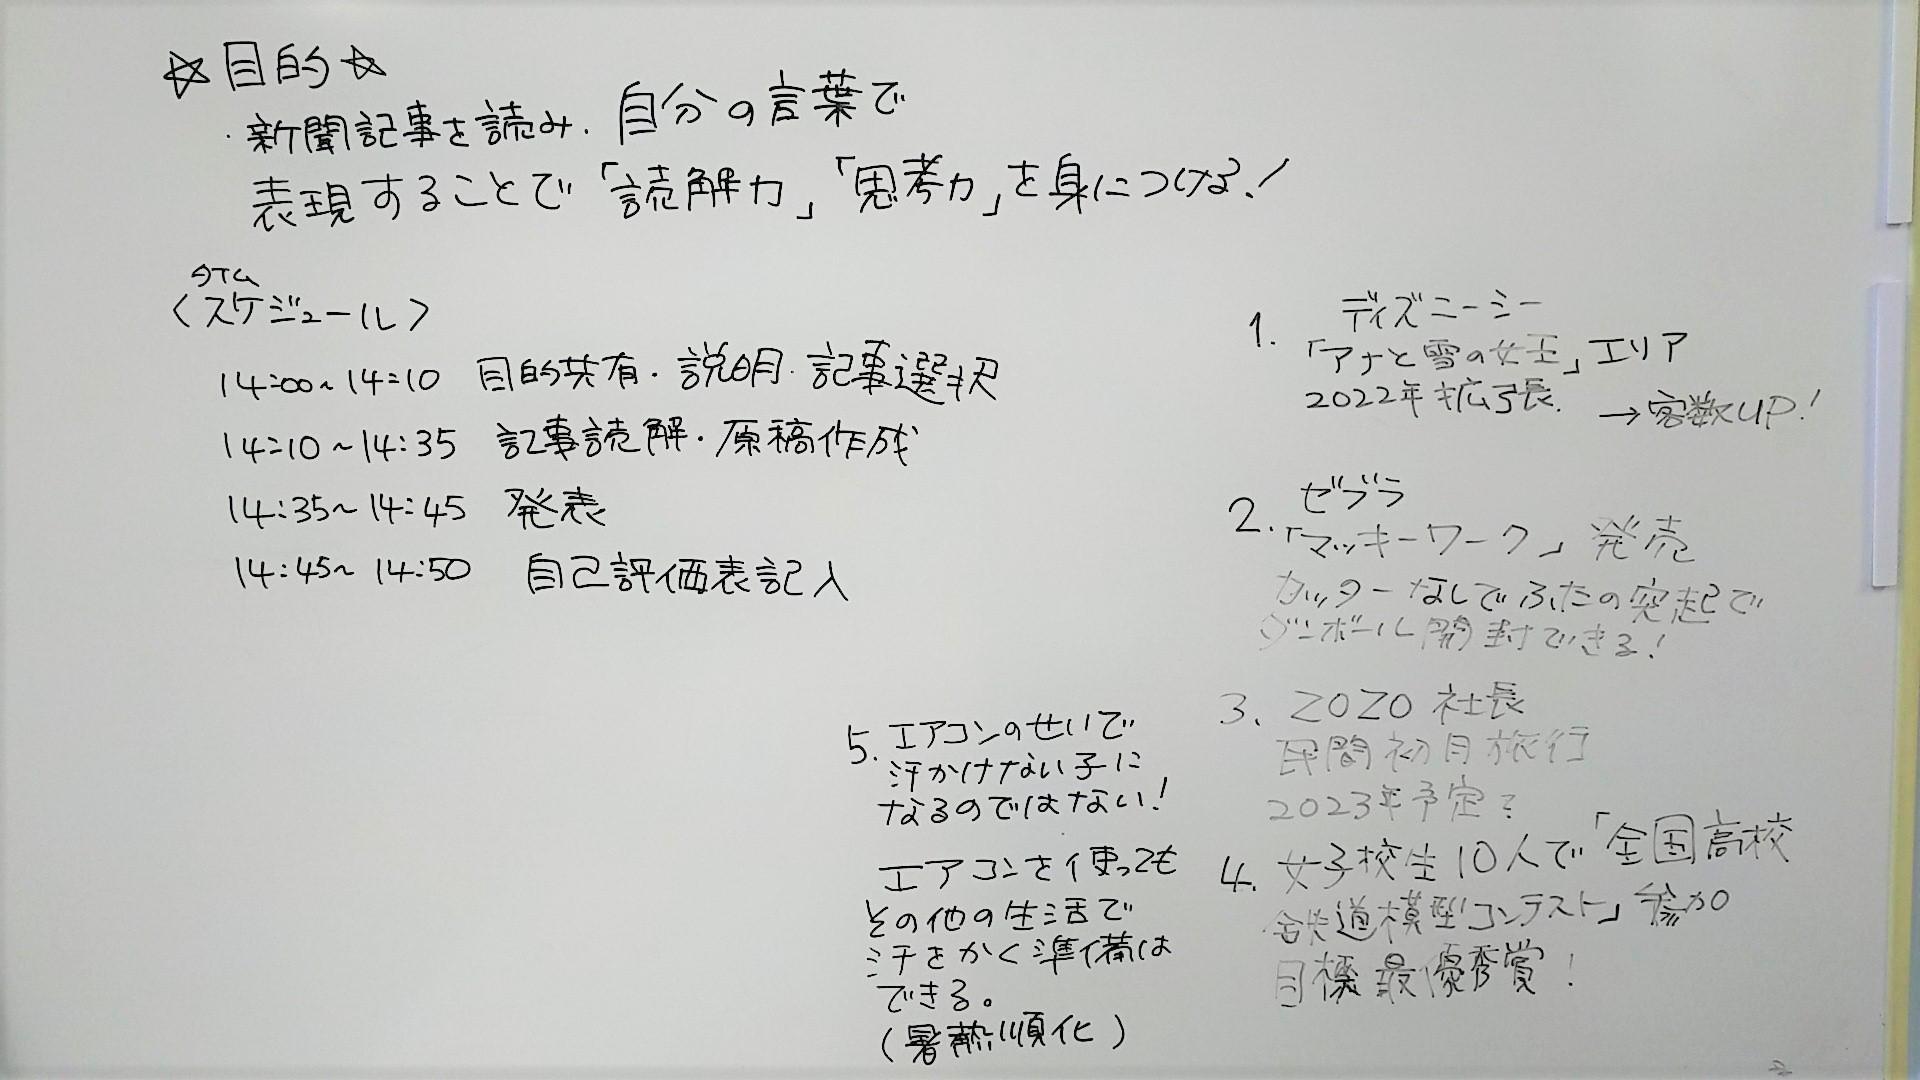 就労移行支援事業所リンクスの新聞読解